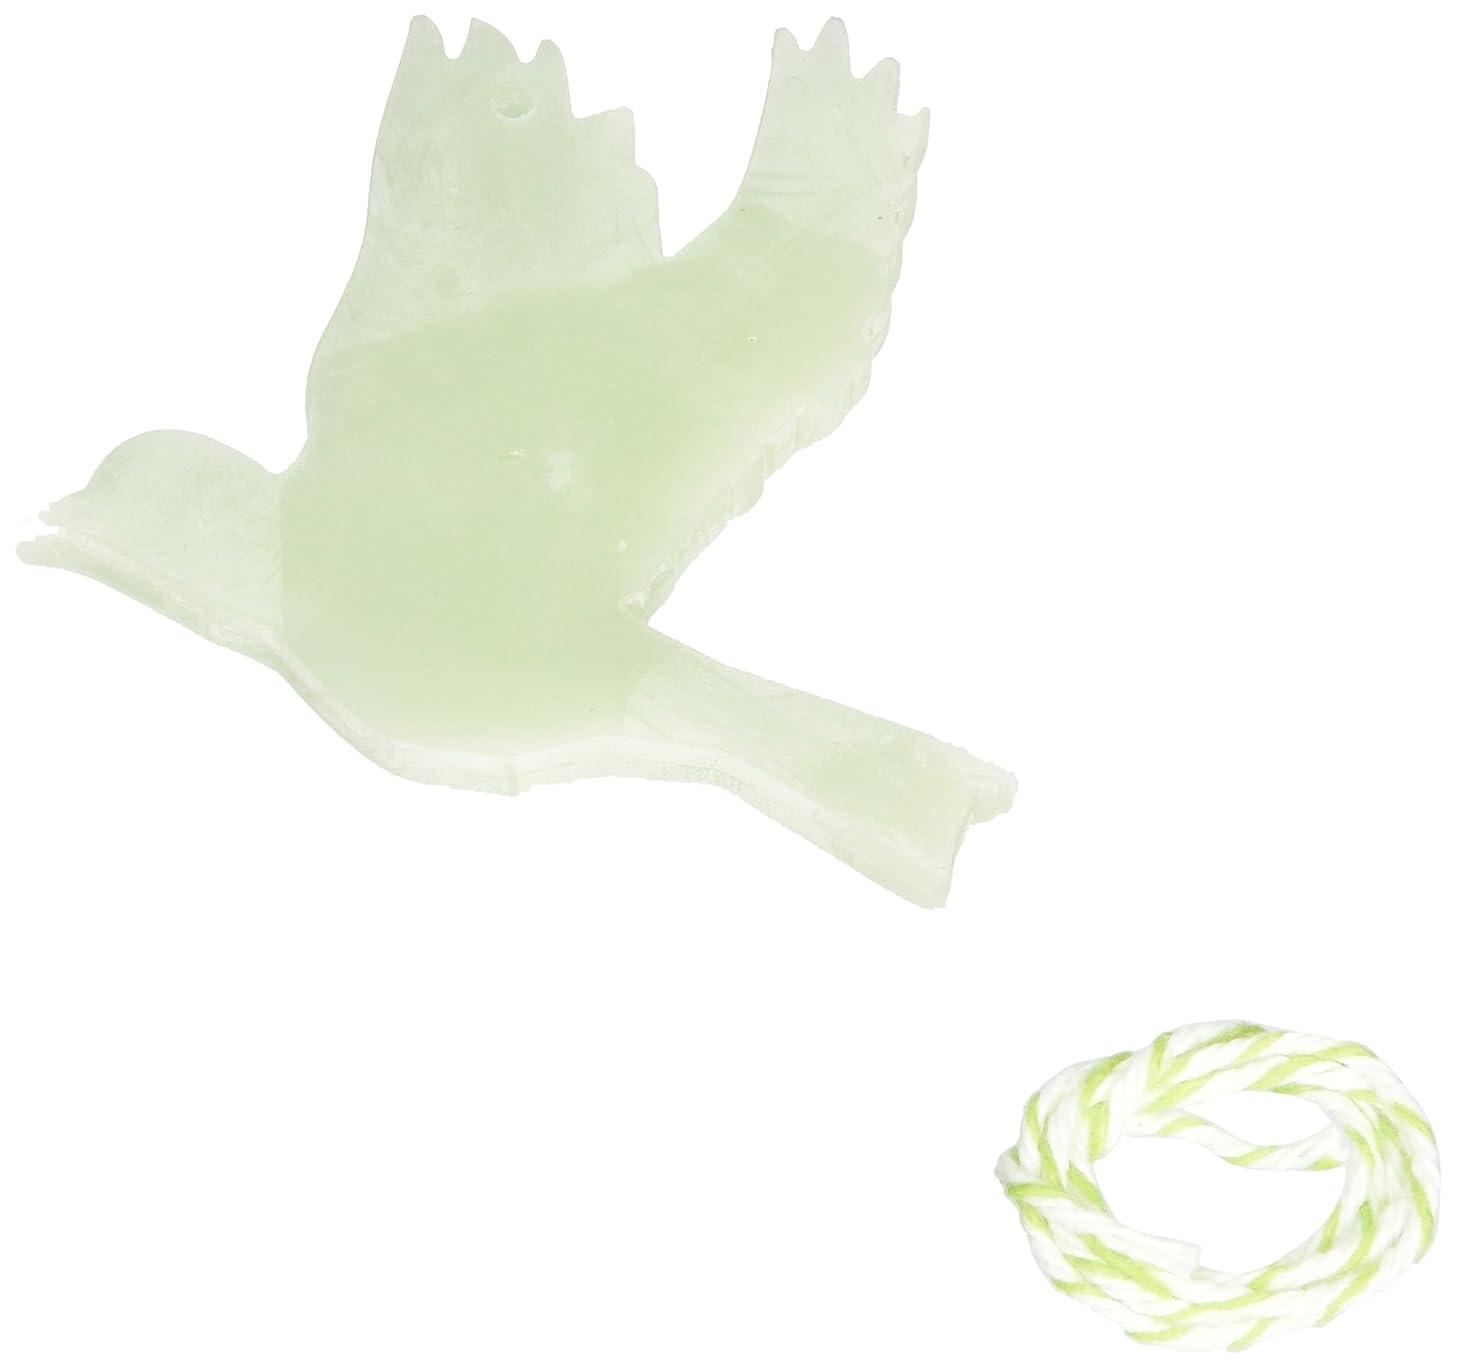 ほとんどない昼食先祖GRASSE TOKYO AROMATICWAXチャーム「ハト」(GR) レモングラス アロマティックワックス グラーストウキョウ